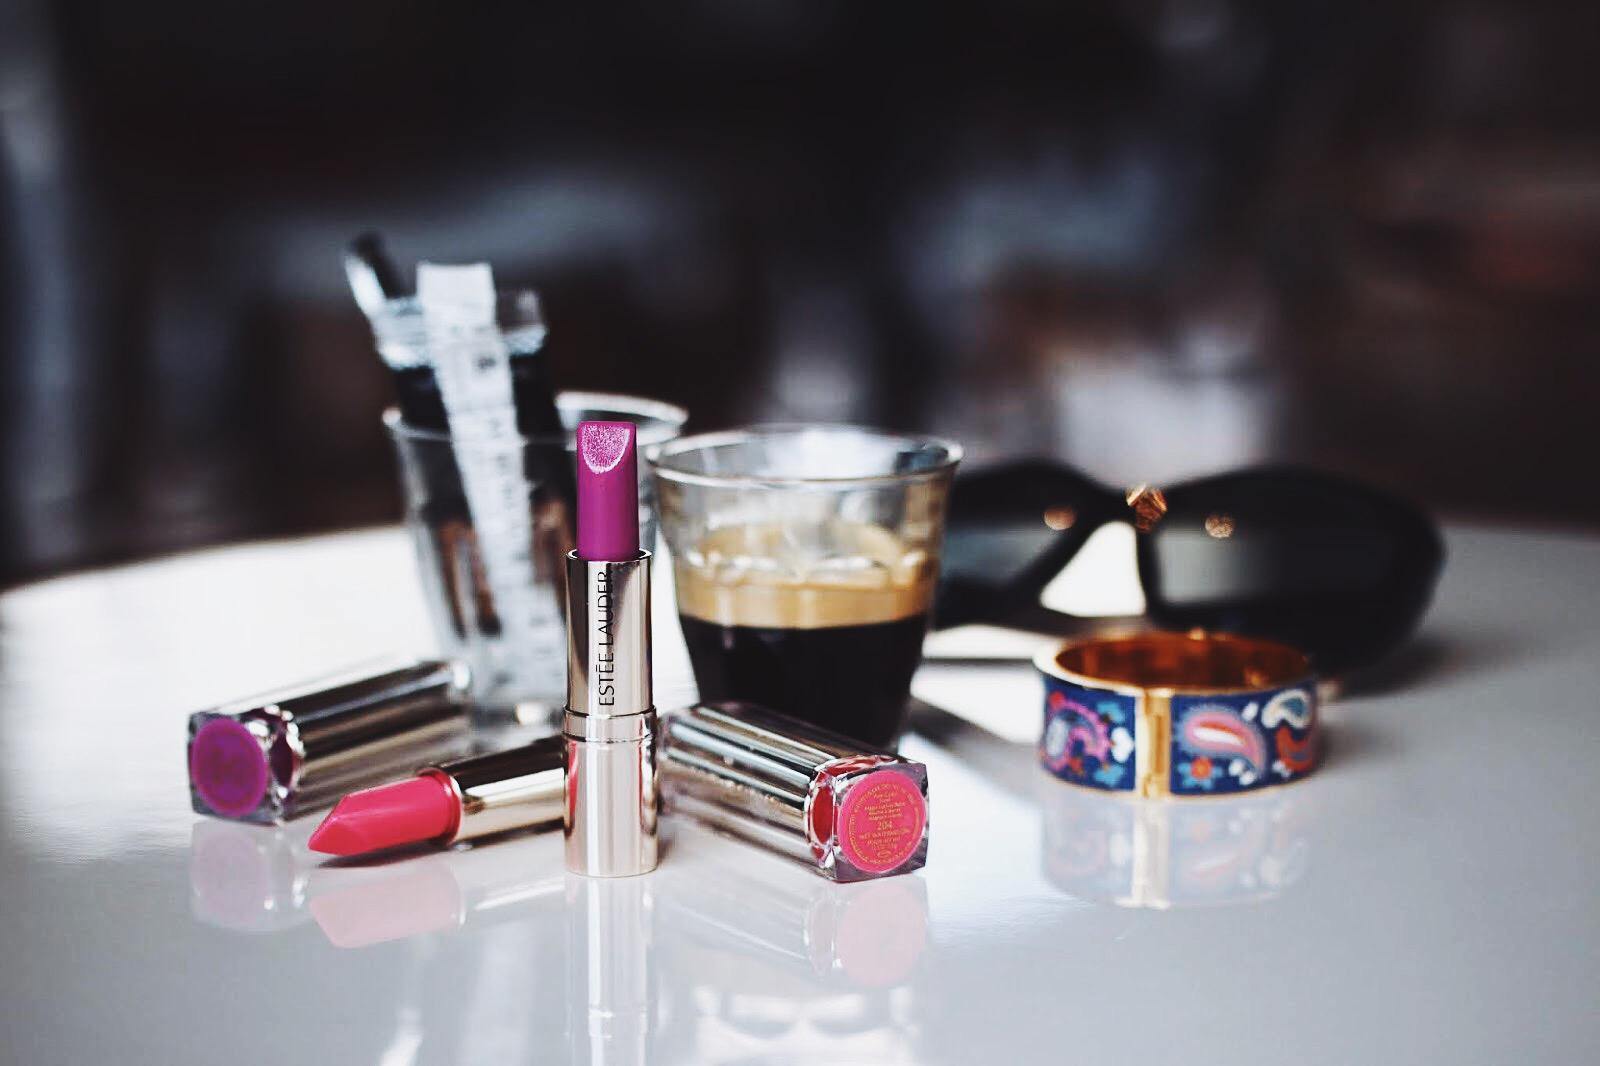 estee lauder pure color love balm baume à lèvres avis test swatch swatches toutes les teintes